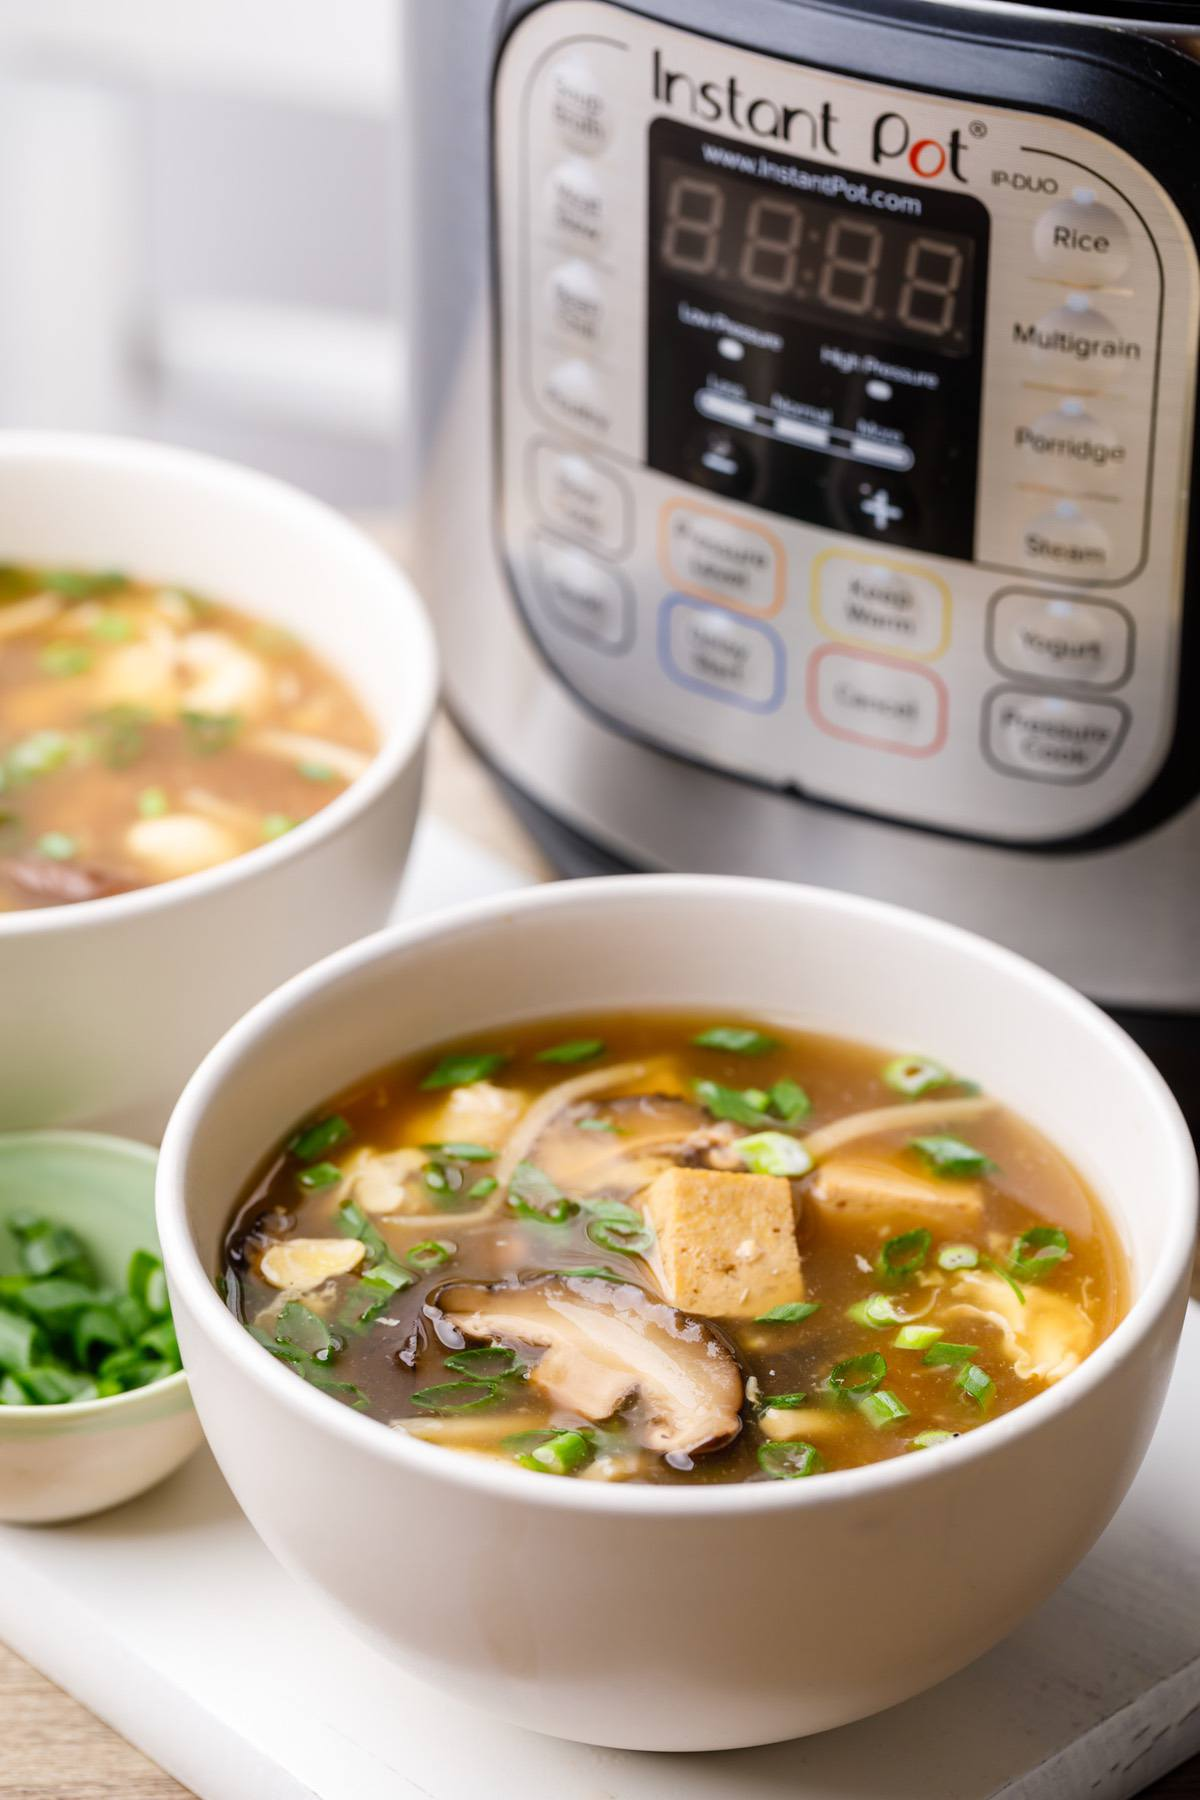 Instant Pot Hot And Sour Soup